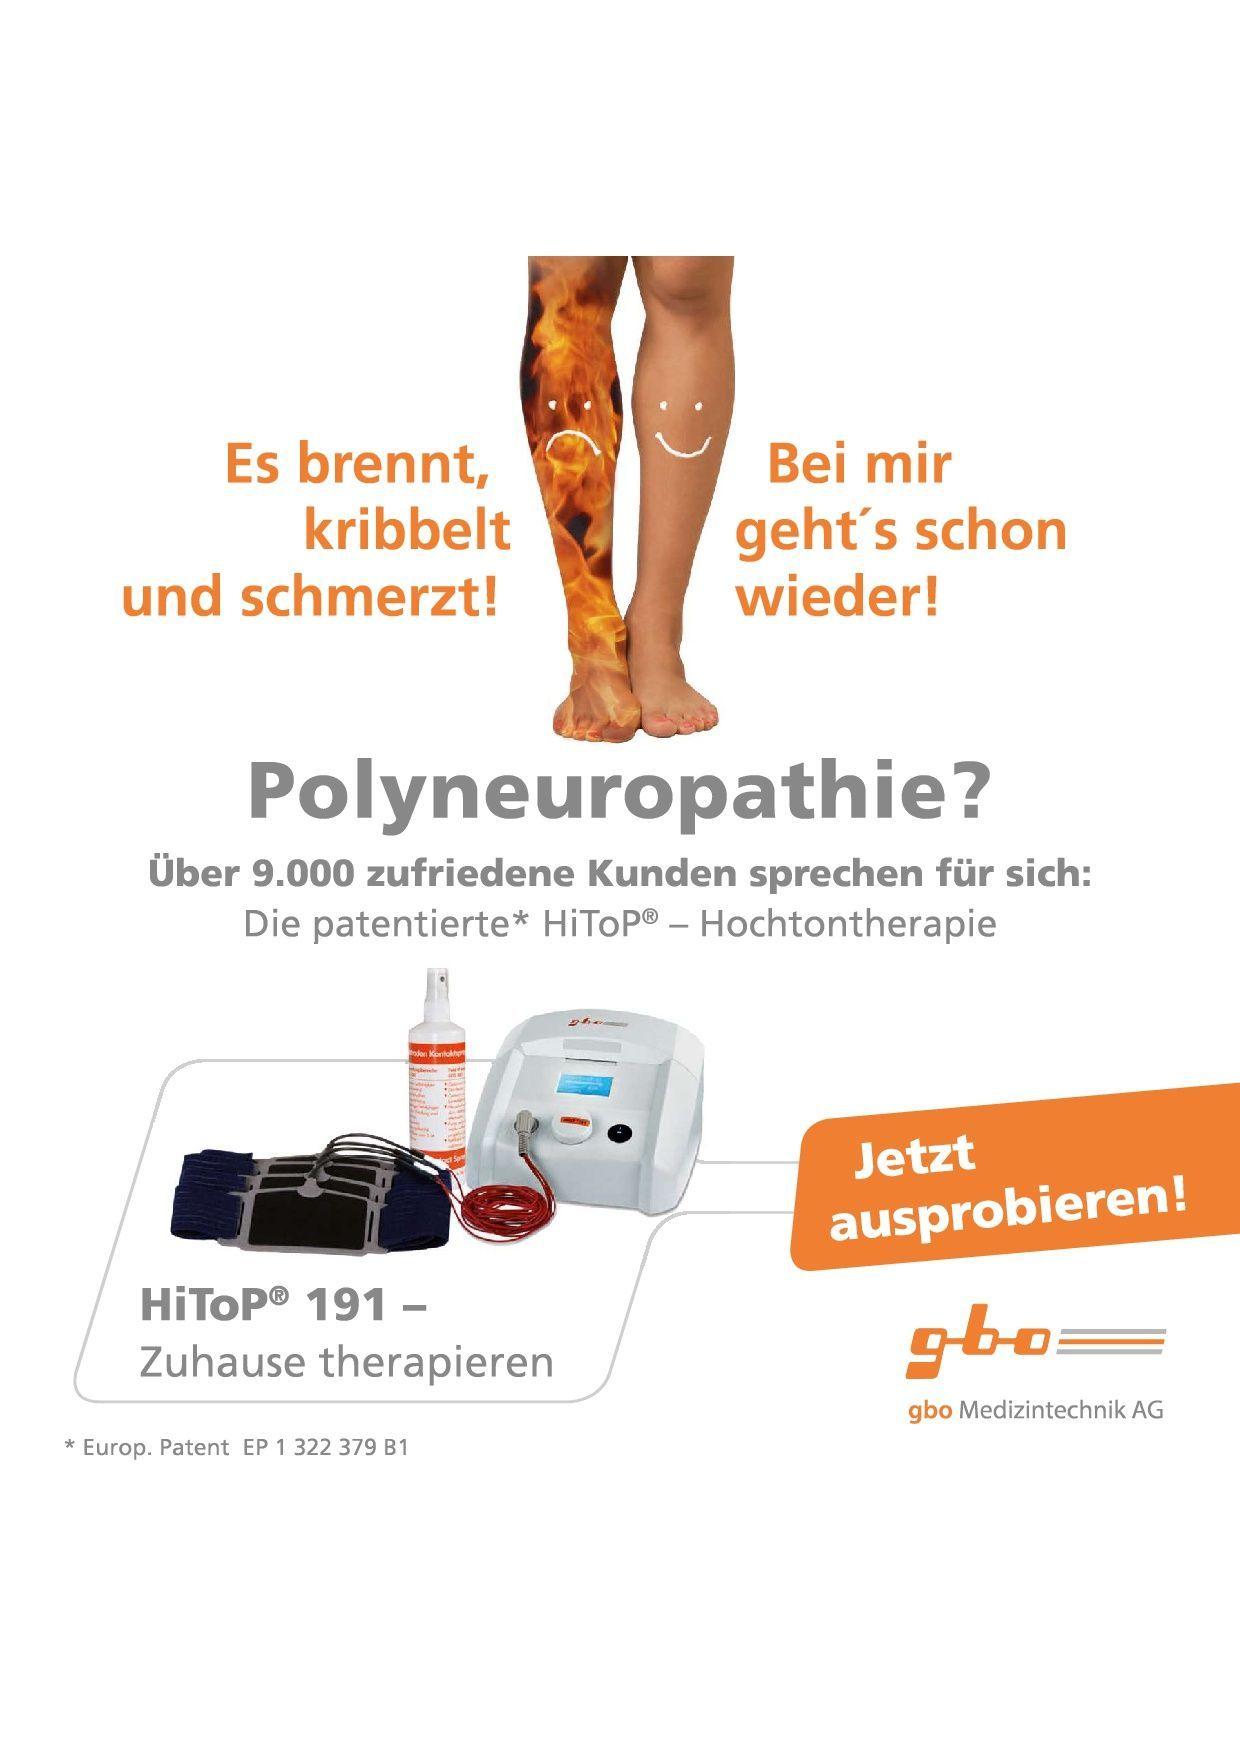 gbo Medizintechnik AG | Regensburger